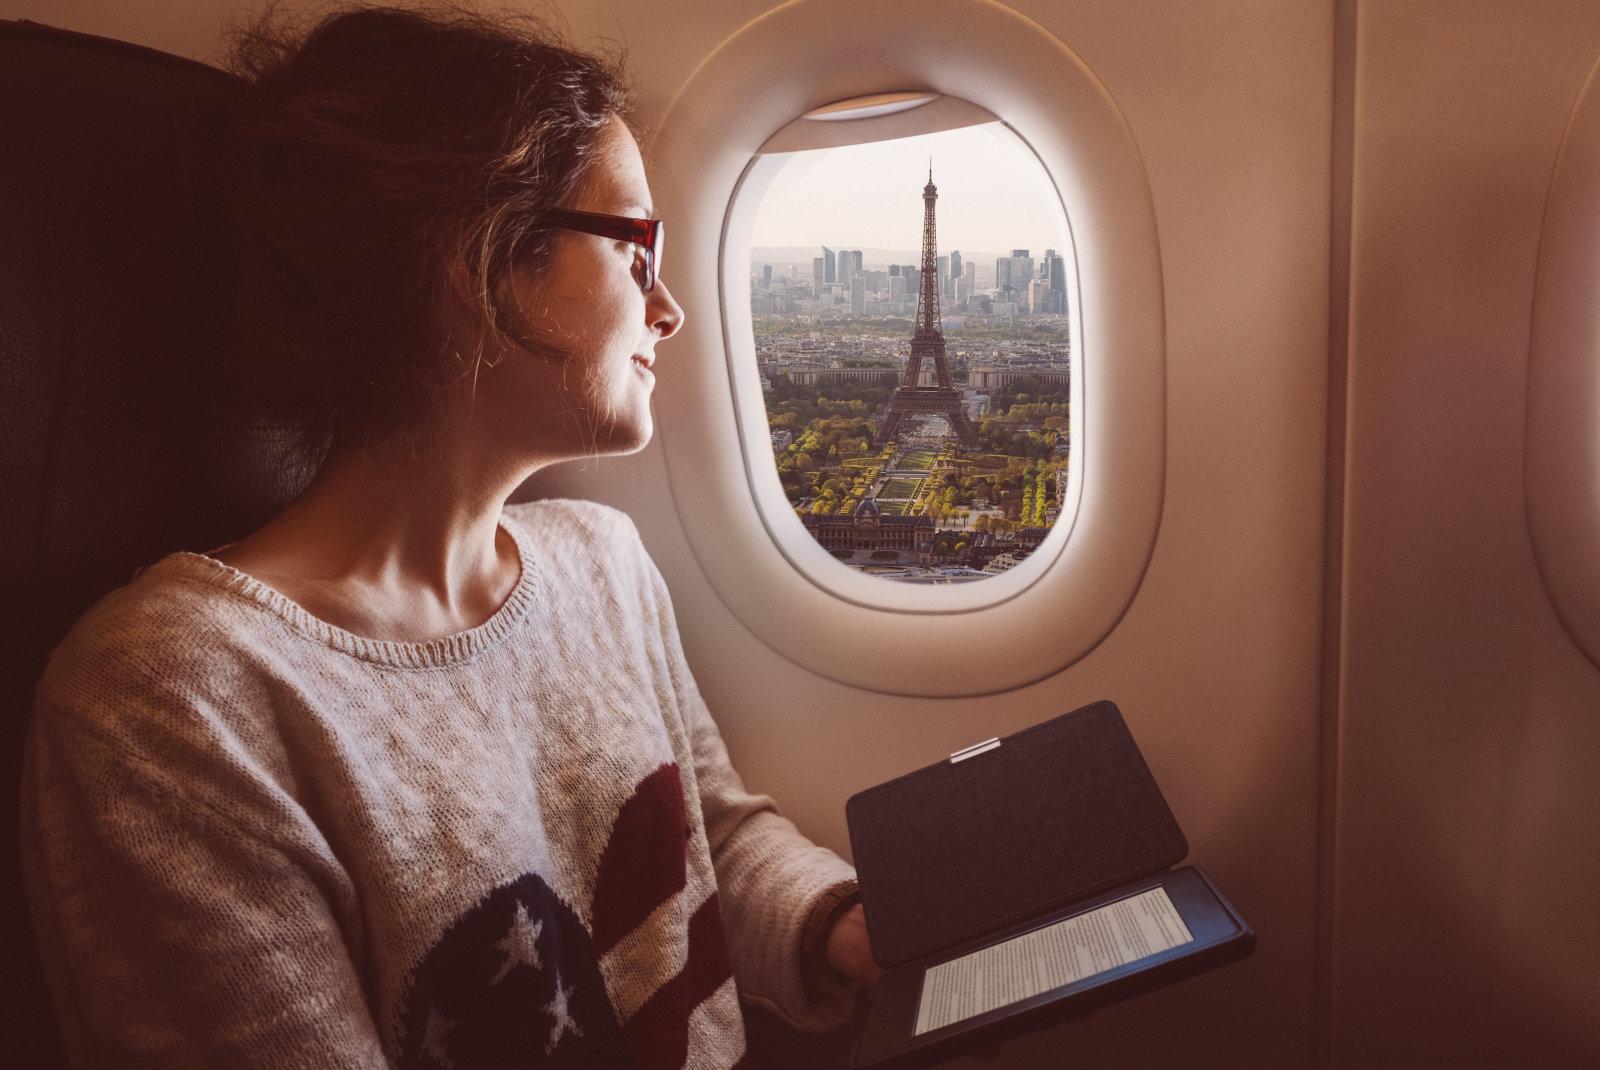 Estados Unidos está pensando prohibir los portátiles que vengan en vuelos desde Europa